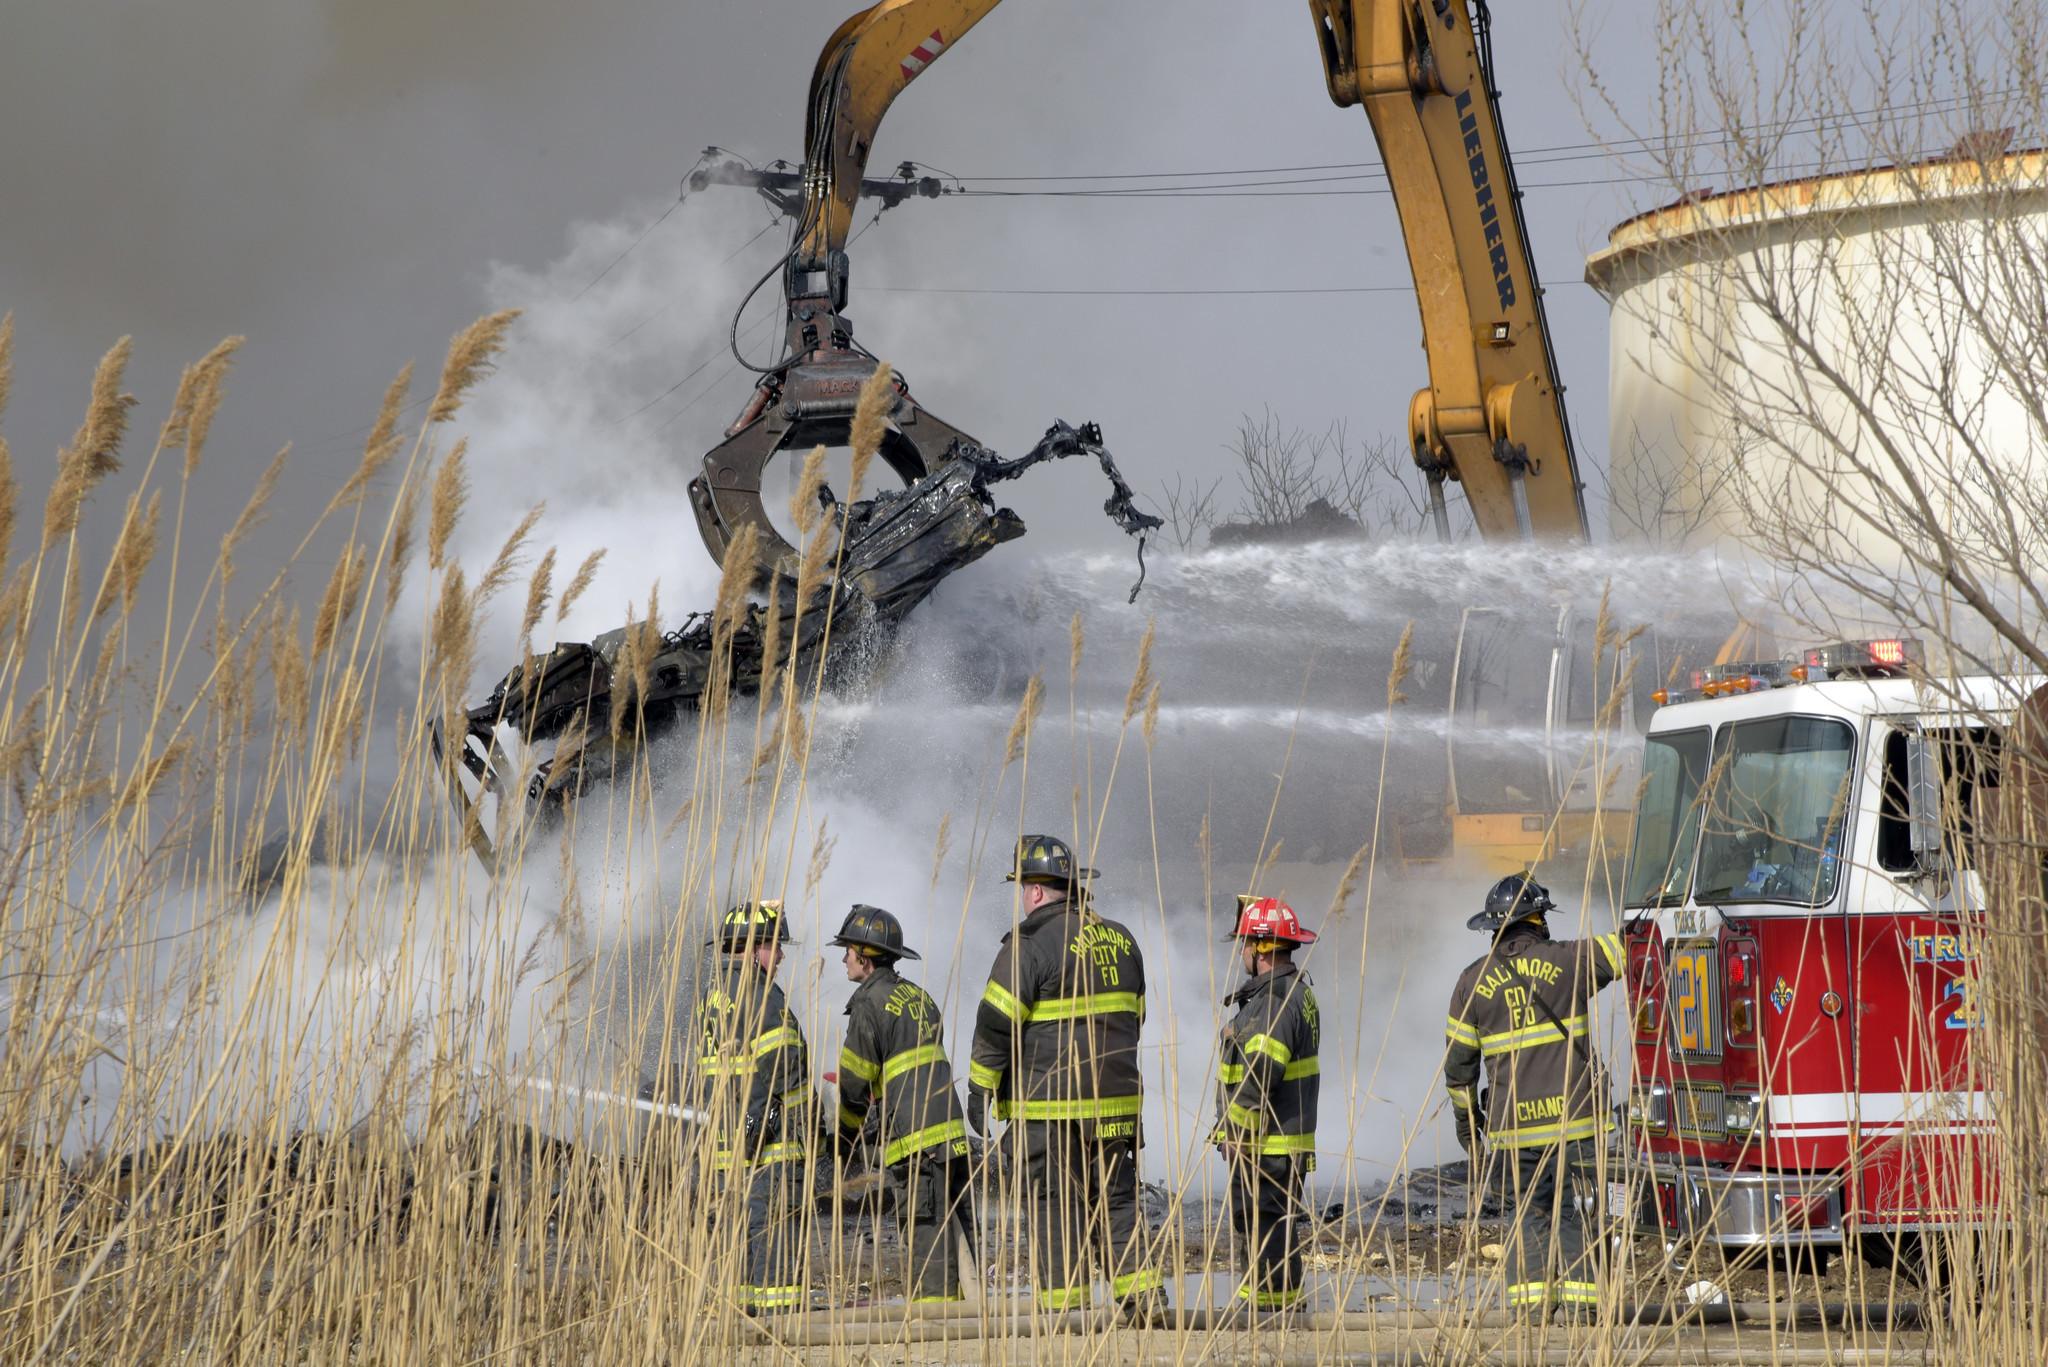 Baltimore fire crews battle 'junk yard fire' in Fairfield ...